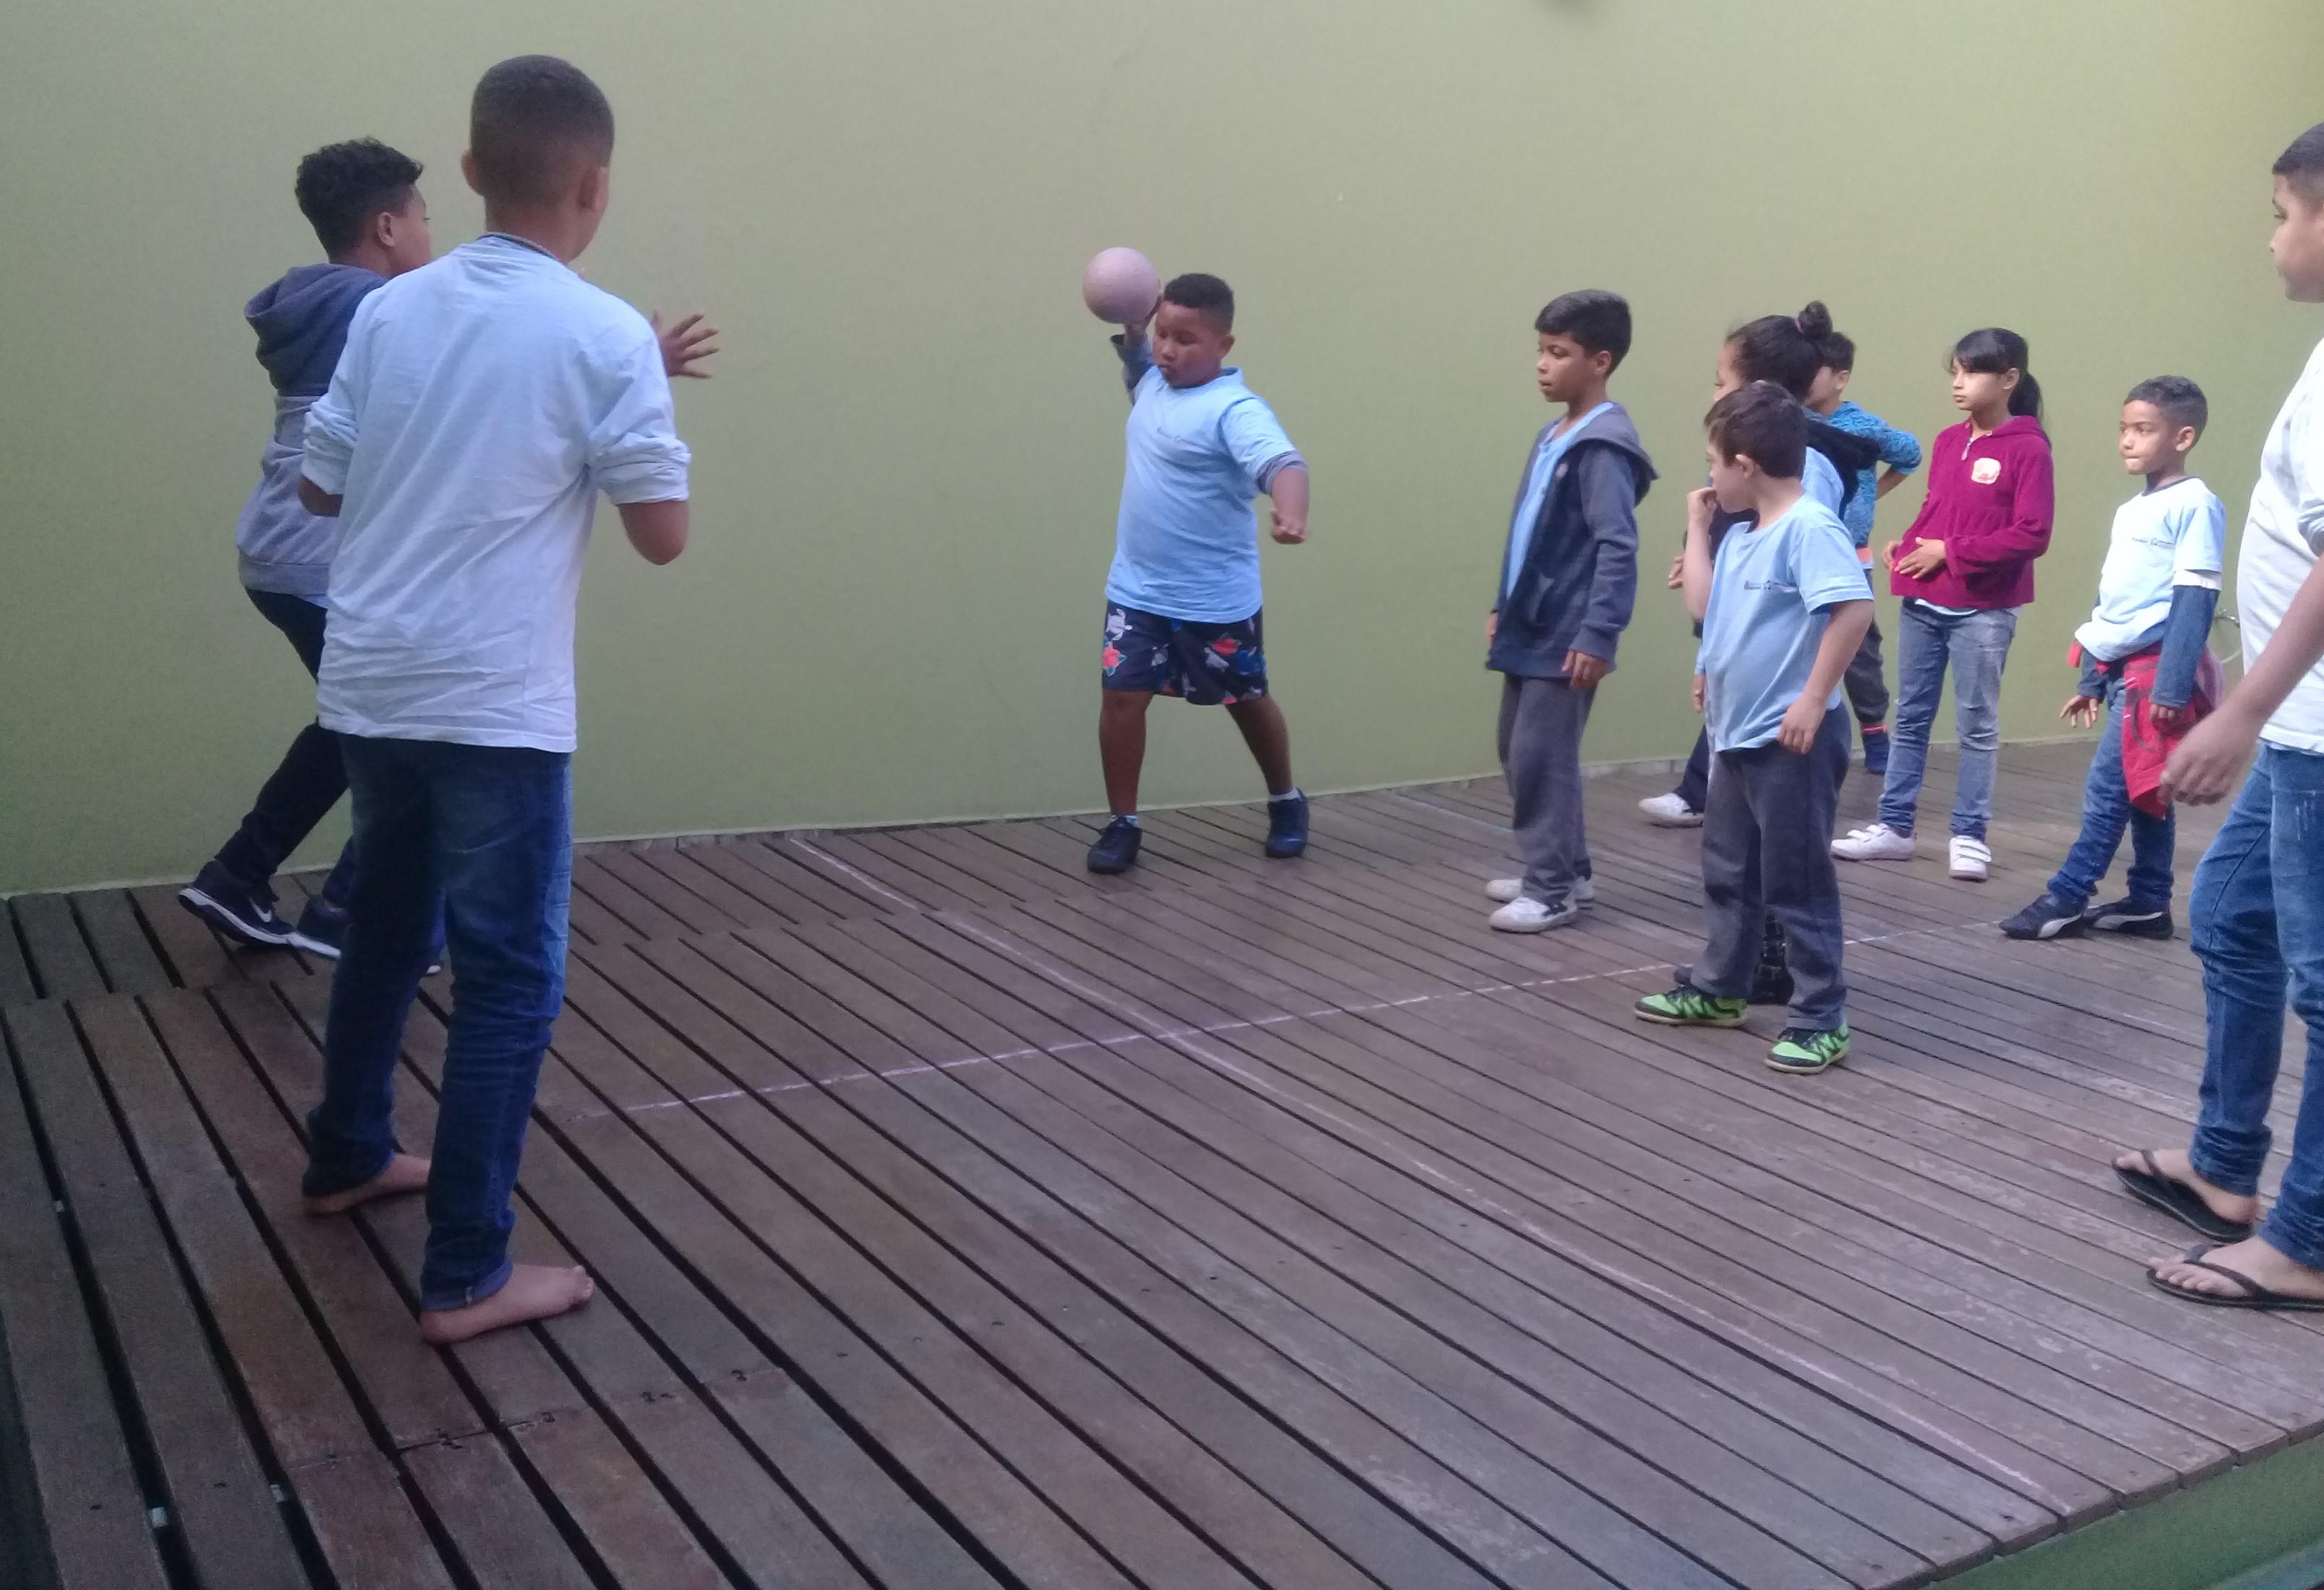 Jogo de futebol no quadrado